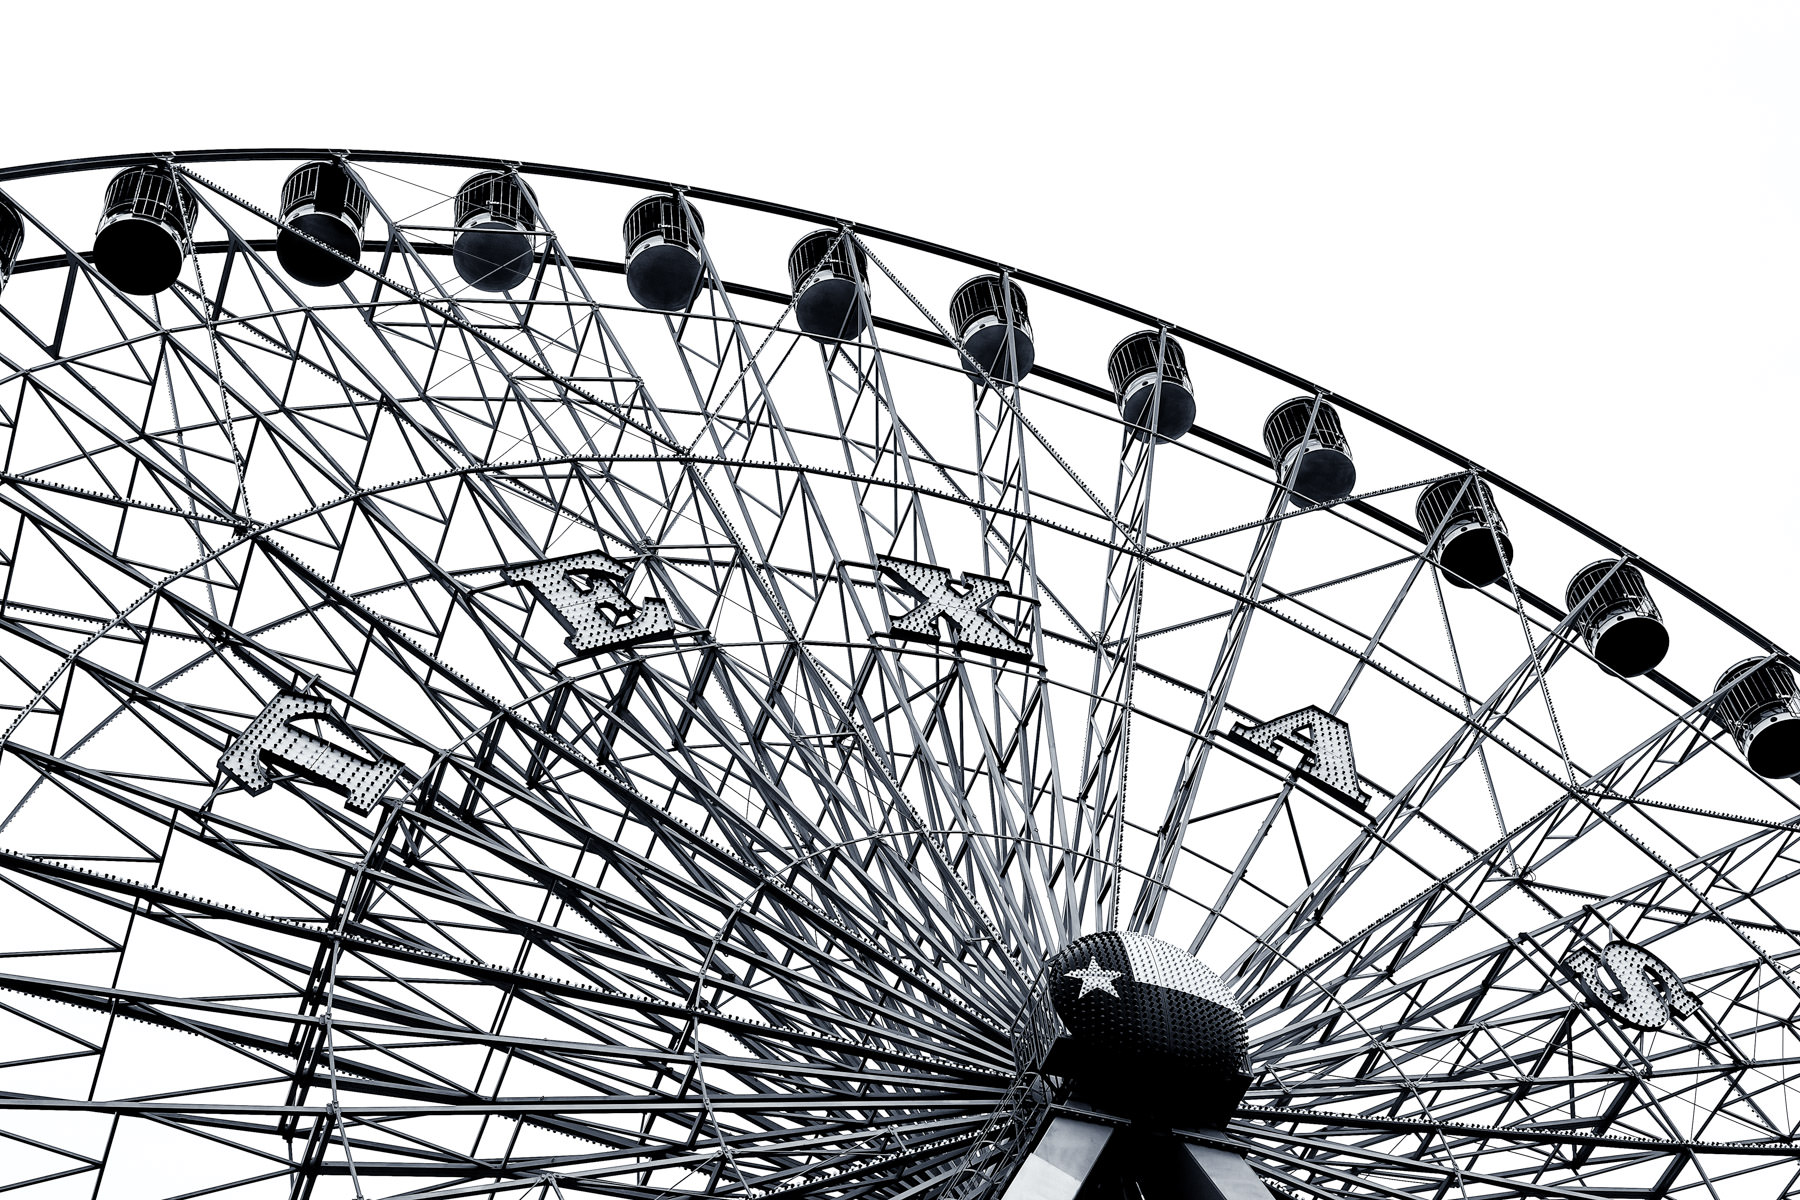 Intricate detail of the Texas Star Ferris Wheel at Dallas' Fair Park.